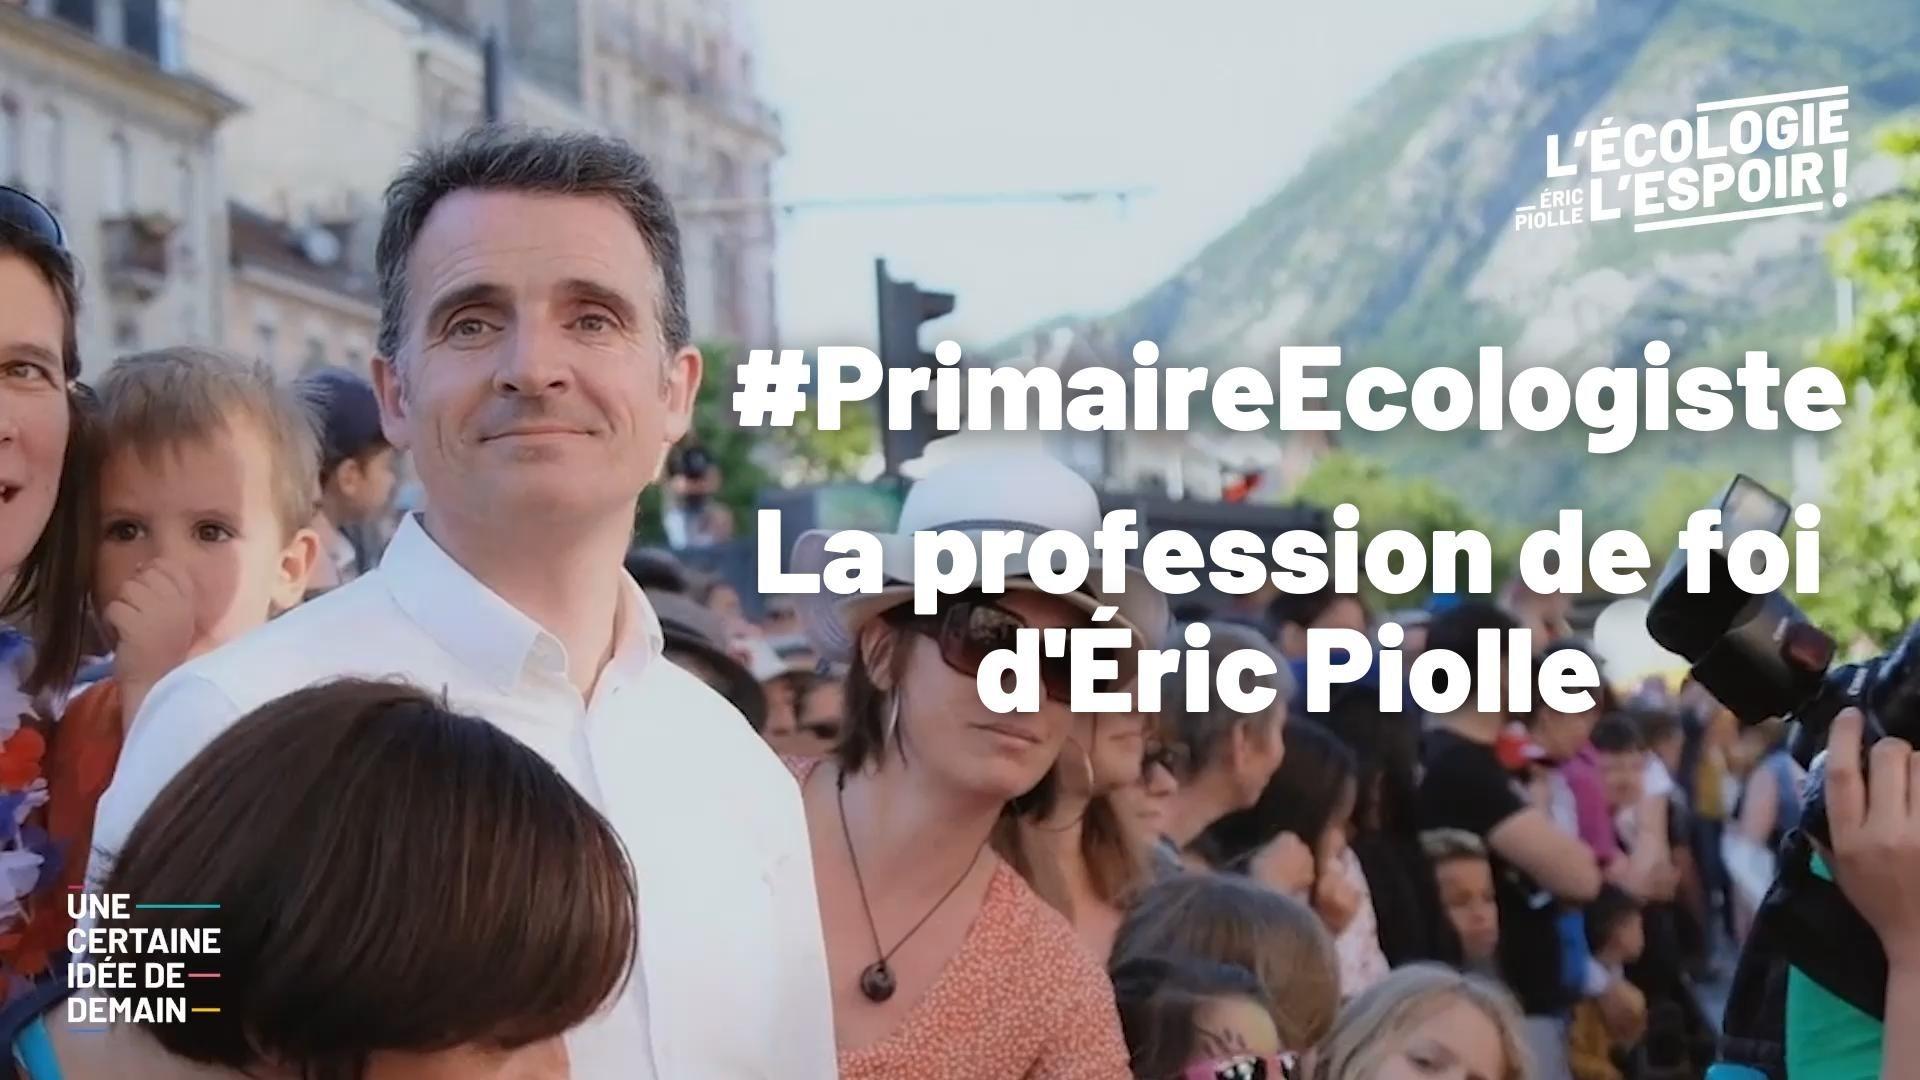 La profession de foi d'Eric Piolle #PrimaireEcologiste